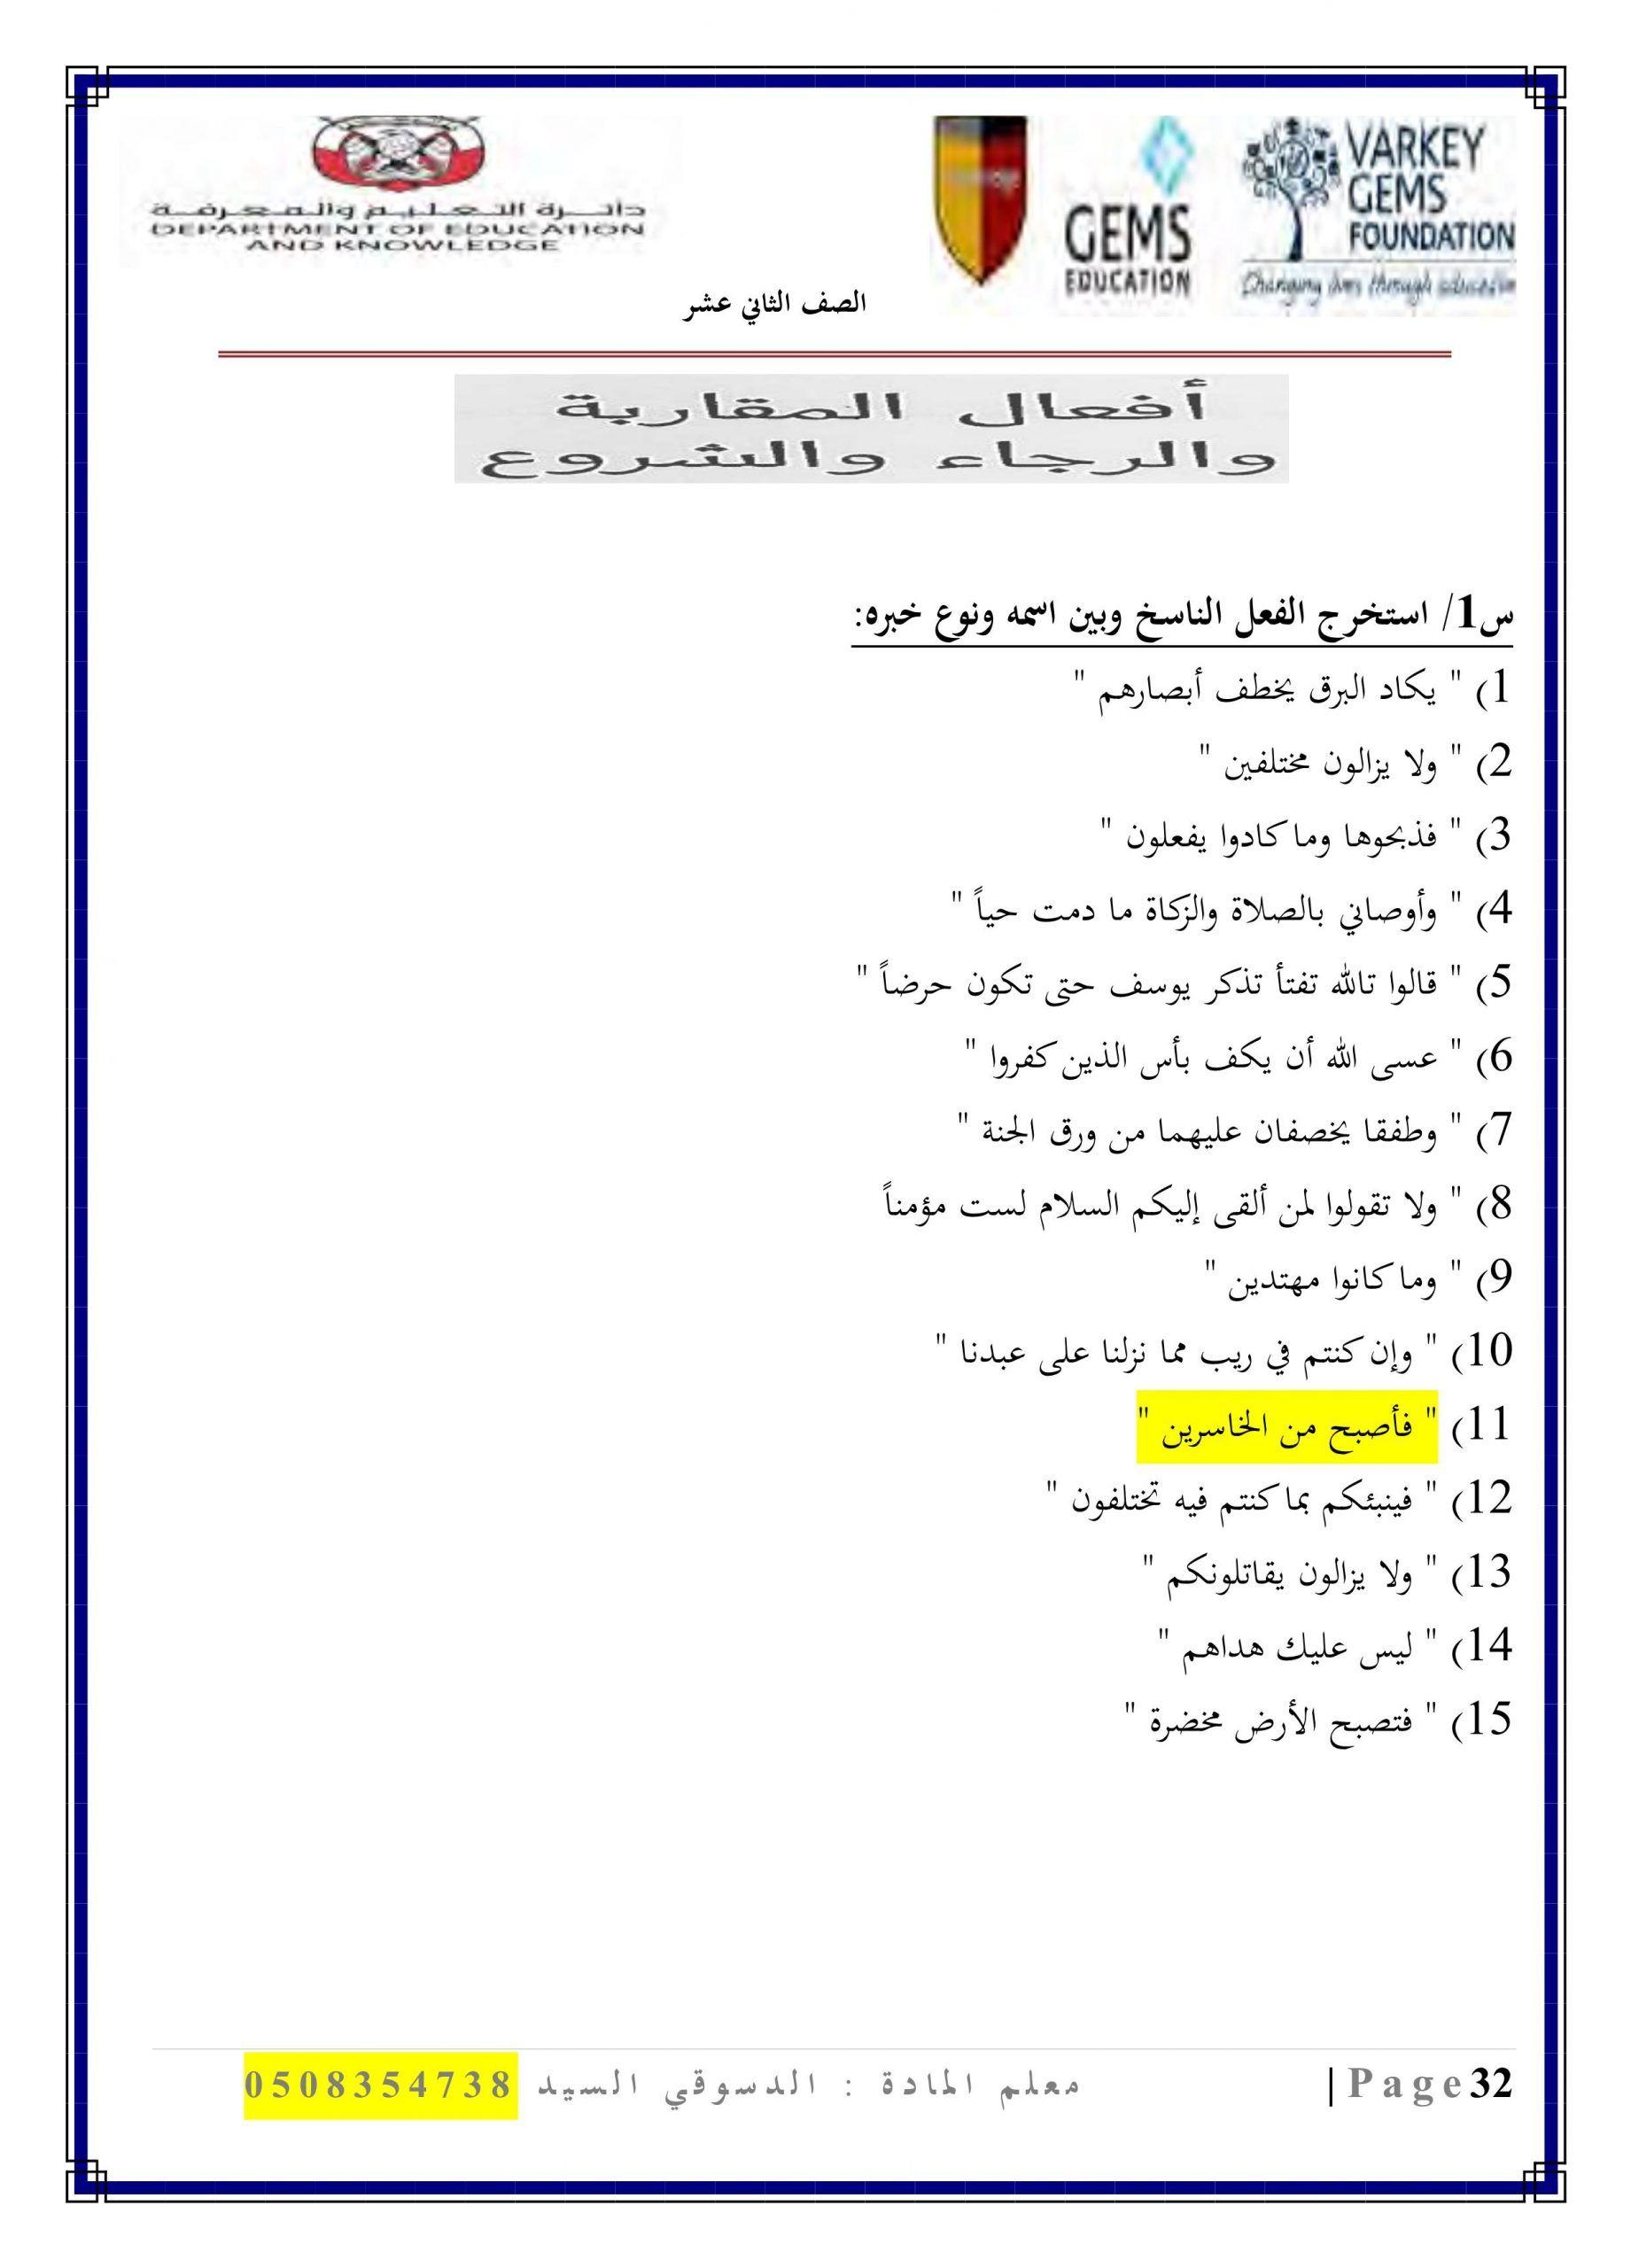 ورقة عمل افعال المقارنة والرجاء والشروع الصف الثاني عشر مادة اللغة العربية Education Foundation